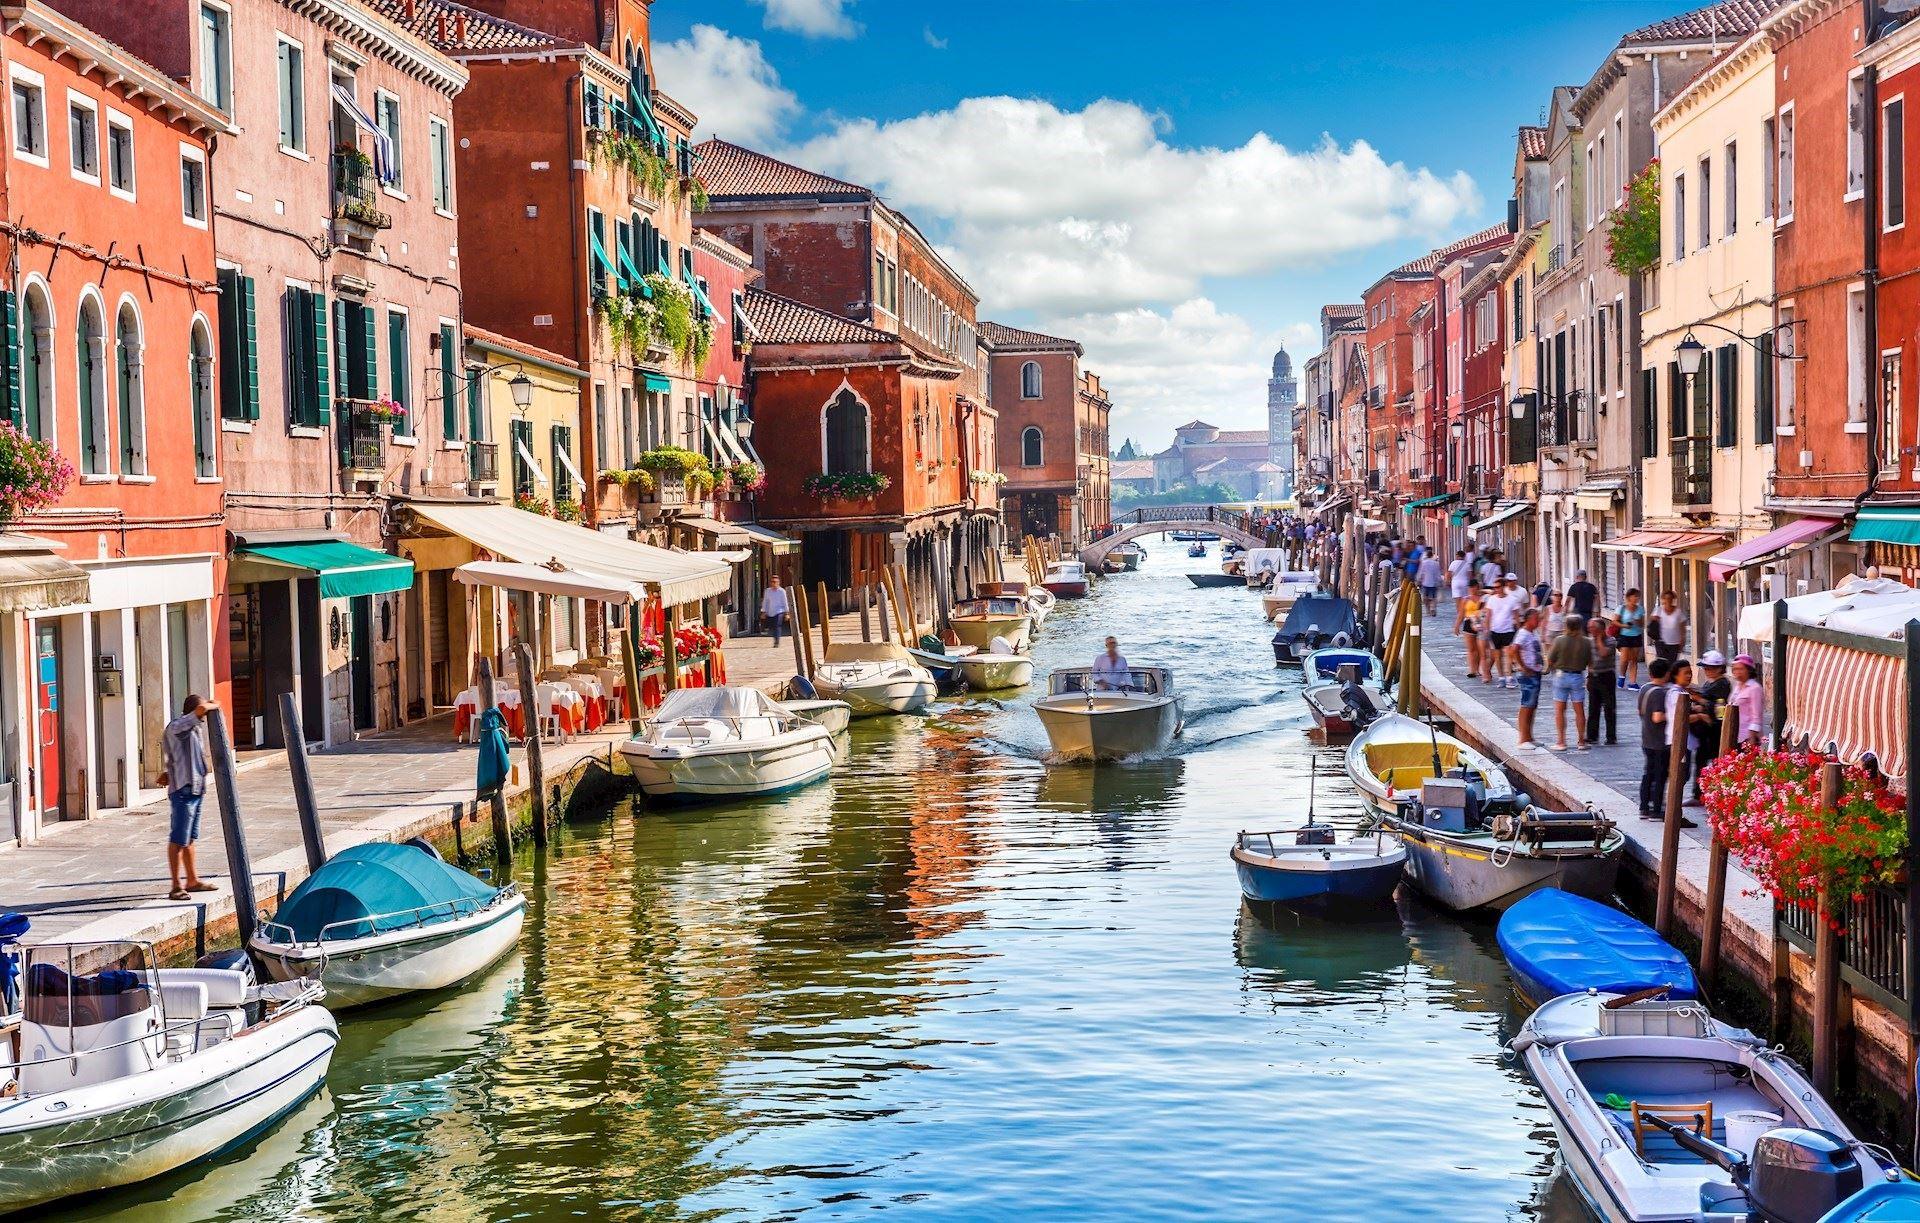 Hình ảnh Venice đẹp, lãng mạn